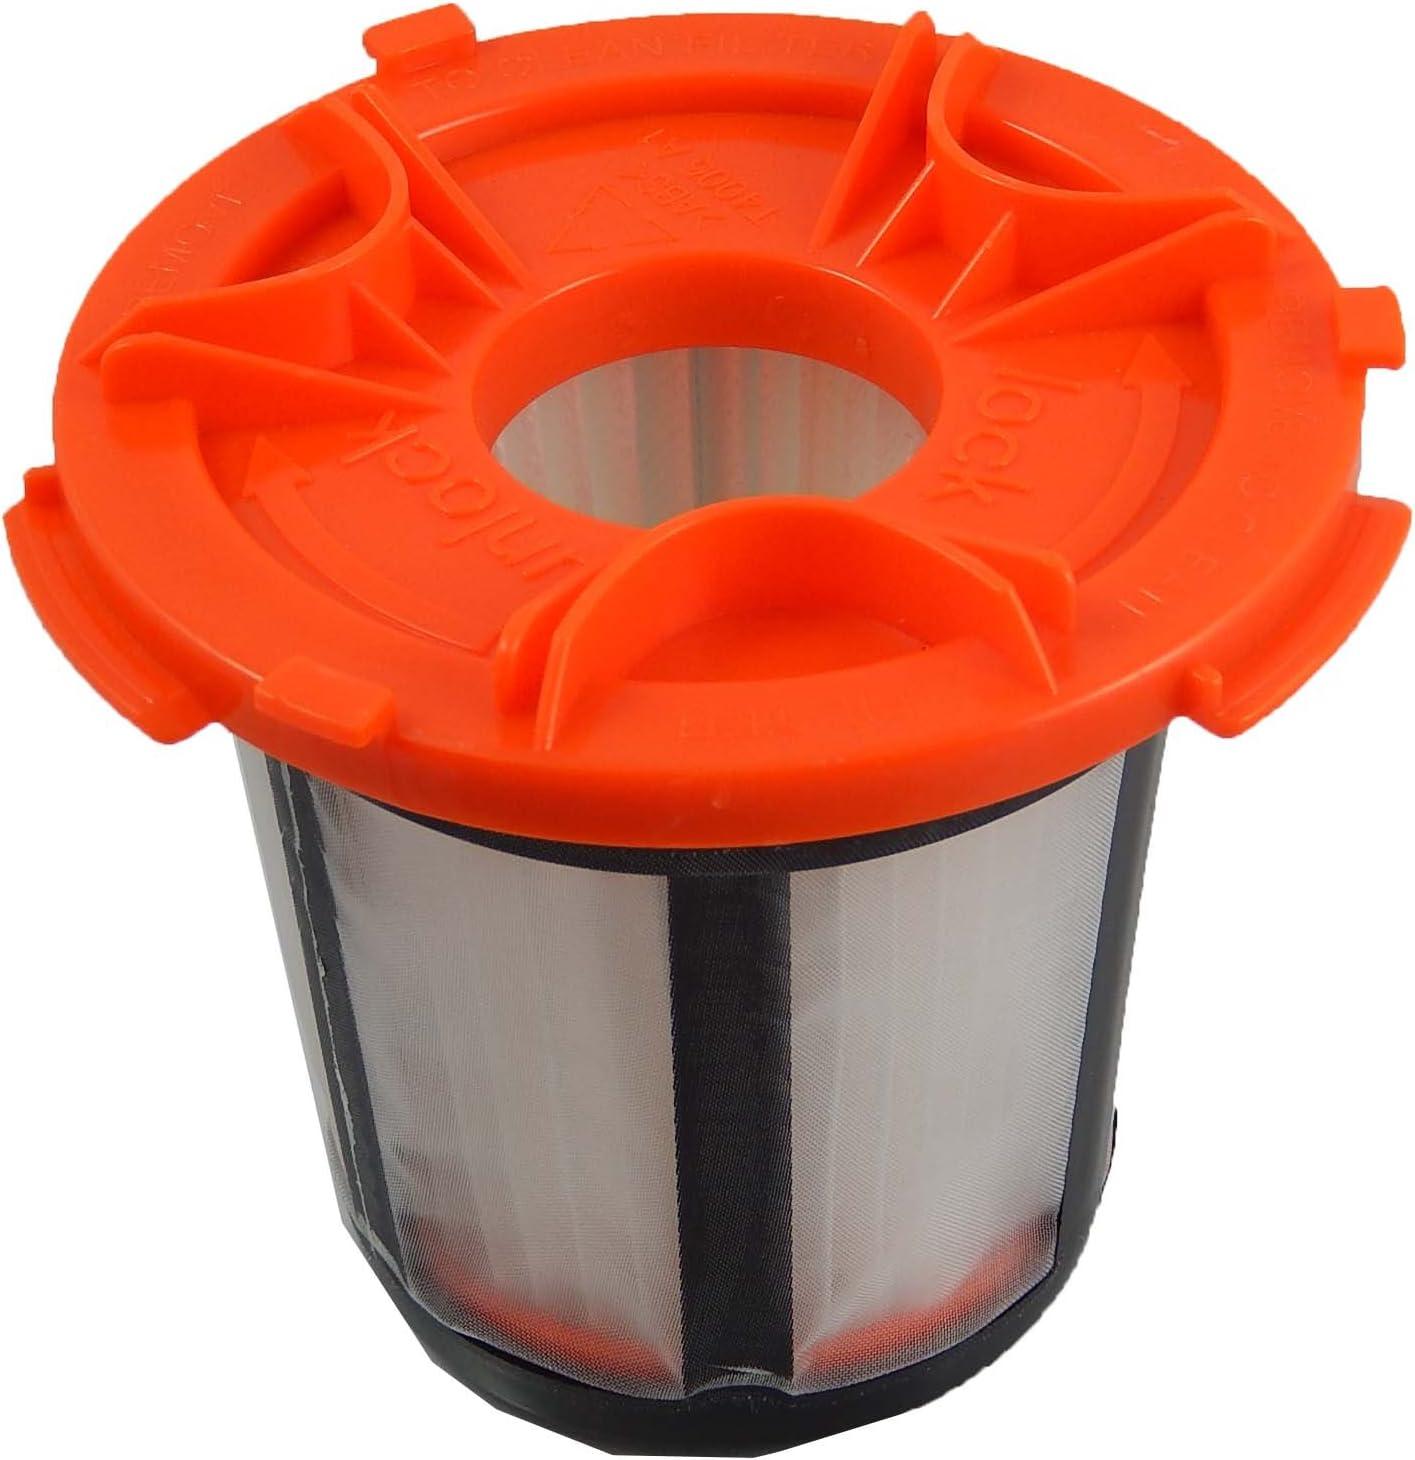 vhbw Filtro Hepa antialérgico para aspirador robot aspirador ...